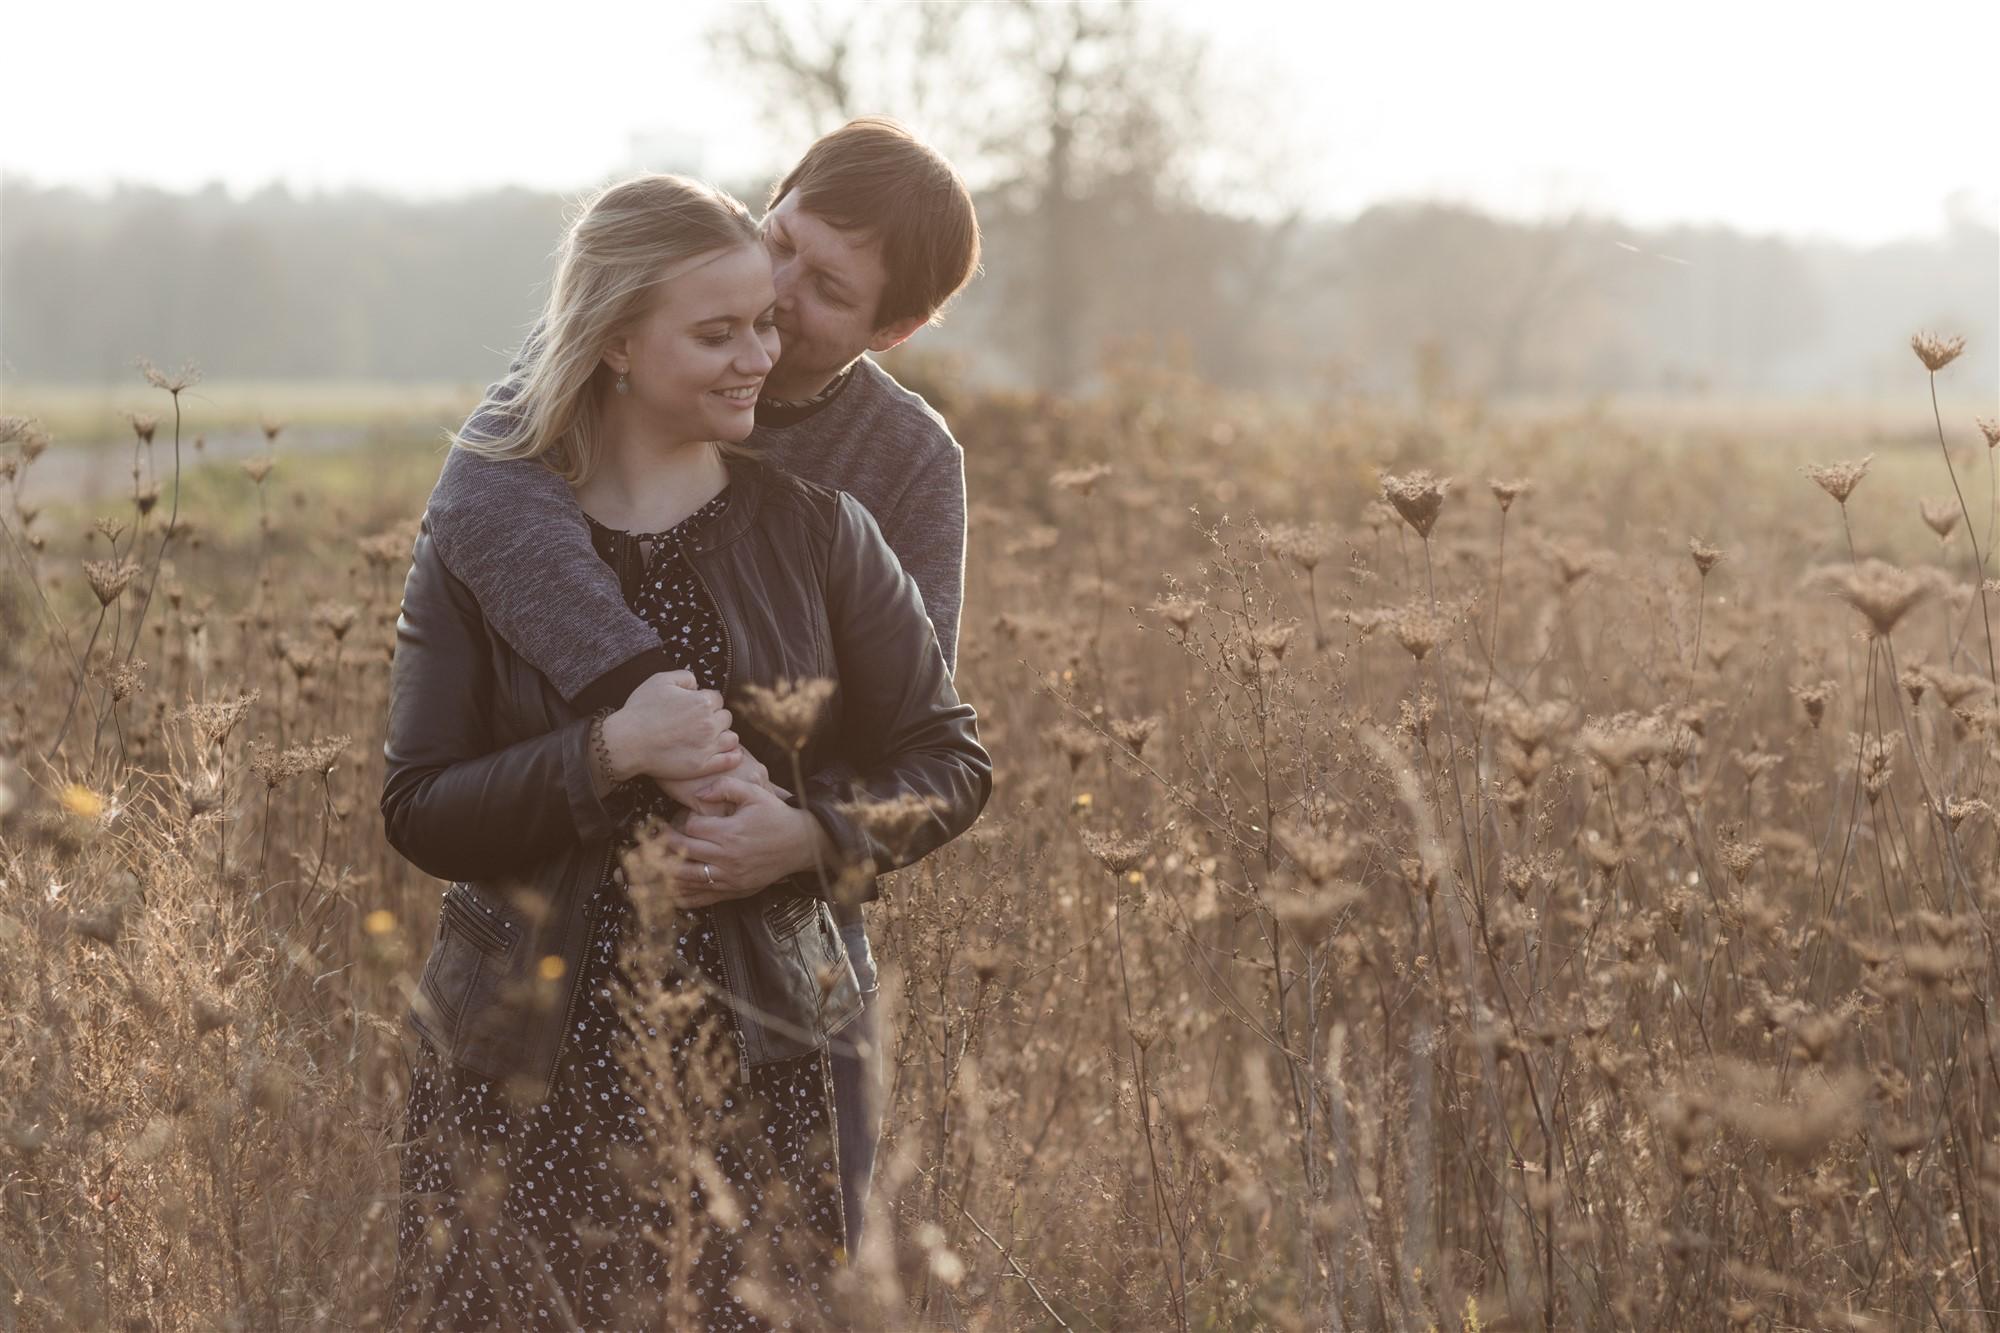 Romantisches Paar Fotoshooting mit Carole und Chris bei der Hochzeitsfotografin Nicole.Gallery